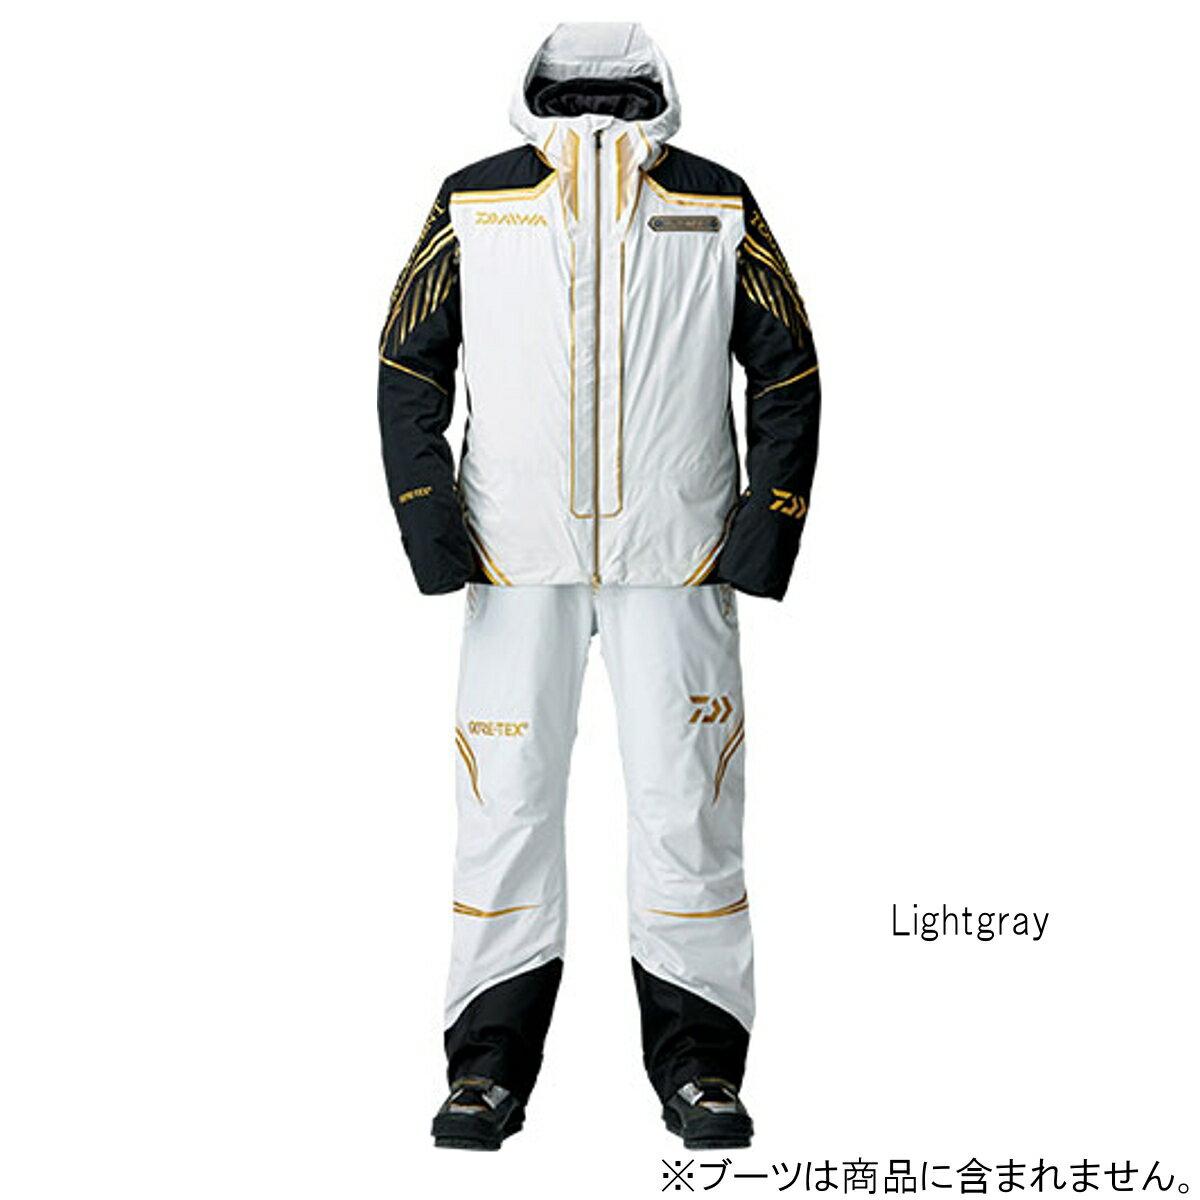 ダイワ トーナメント ゴアテックス プロダクト ウィンタースーツ DW-1008T L Lightgray【送料無料】